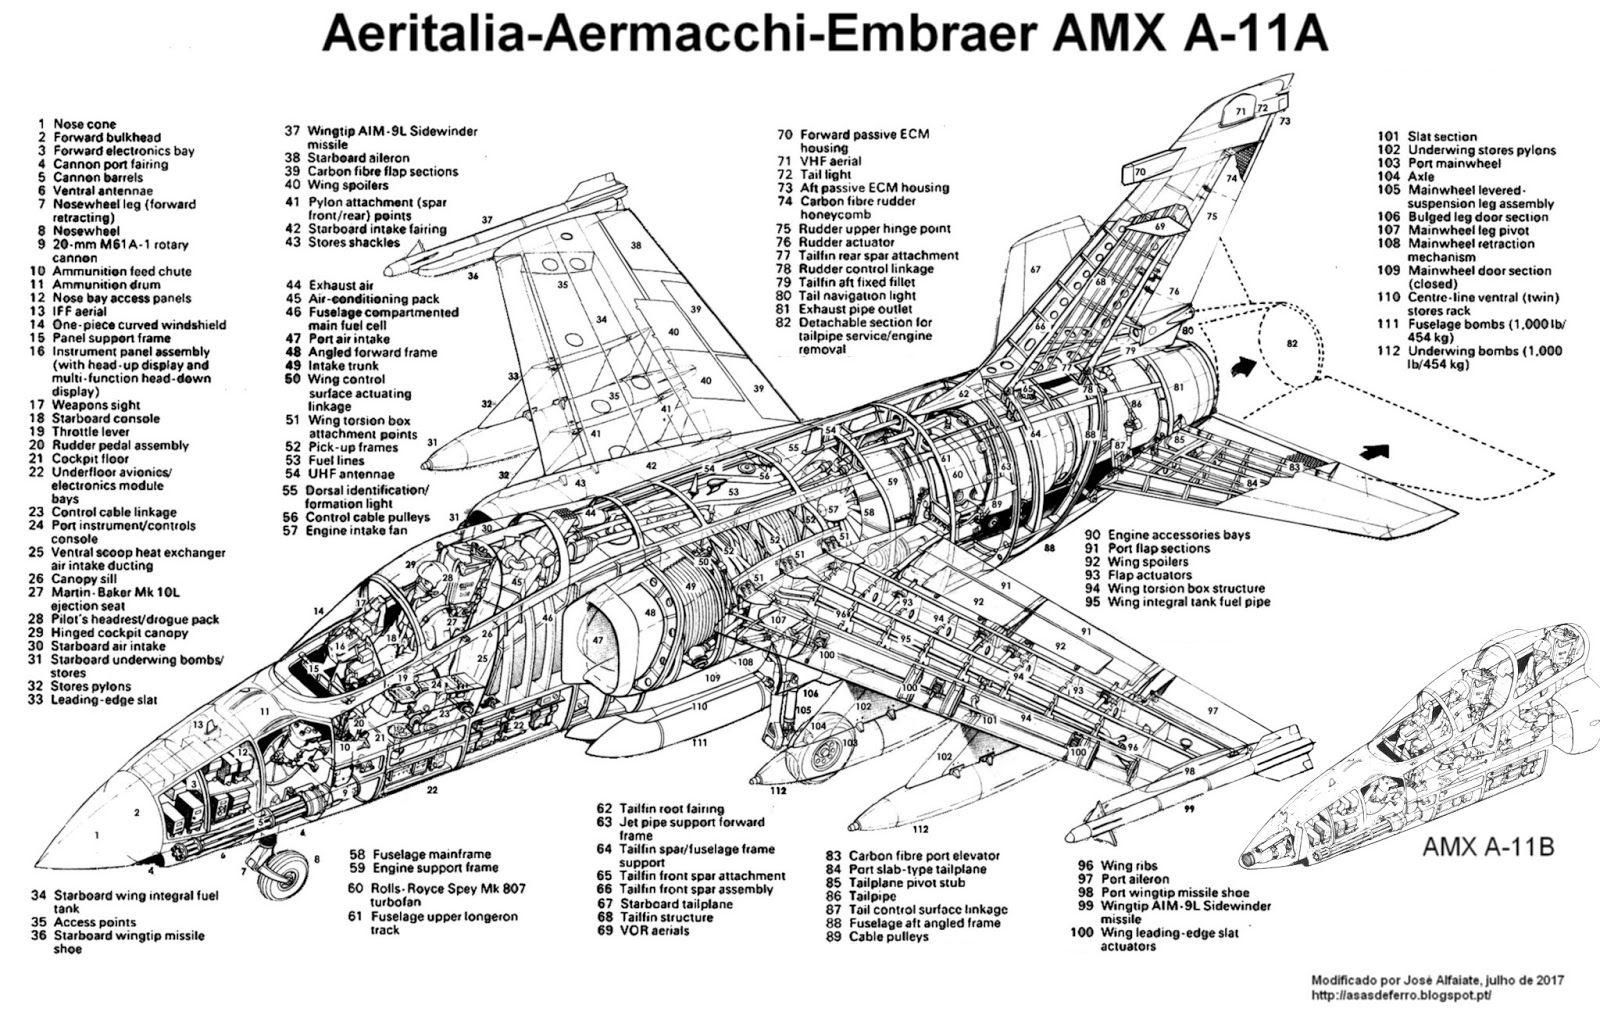 Fockewulf Fw 200 Cutawayselpunk T Cutaway